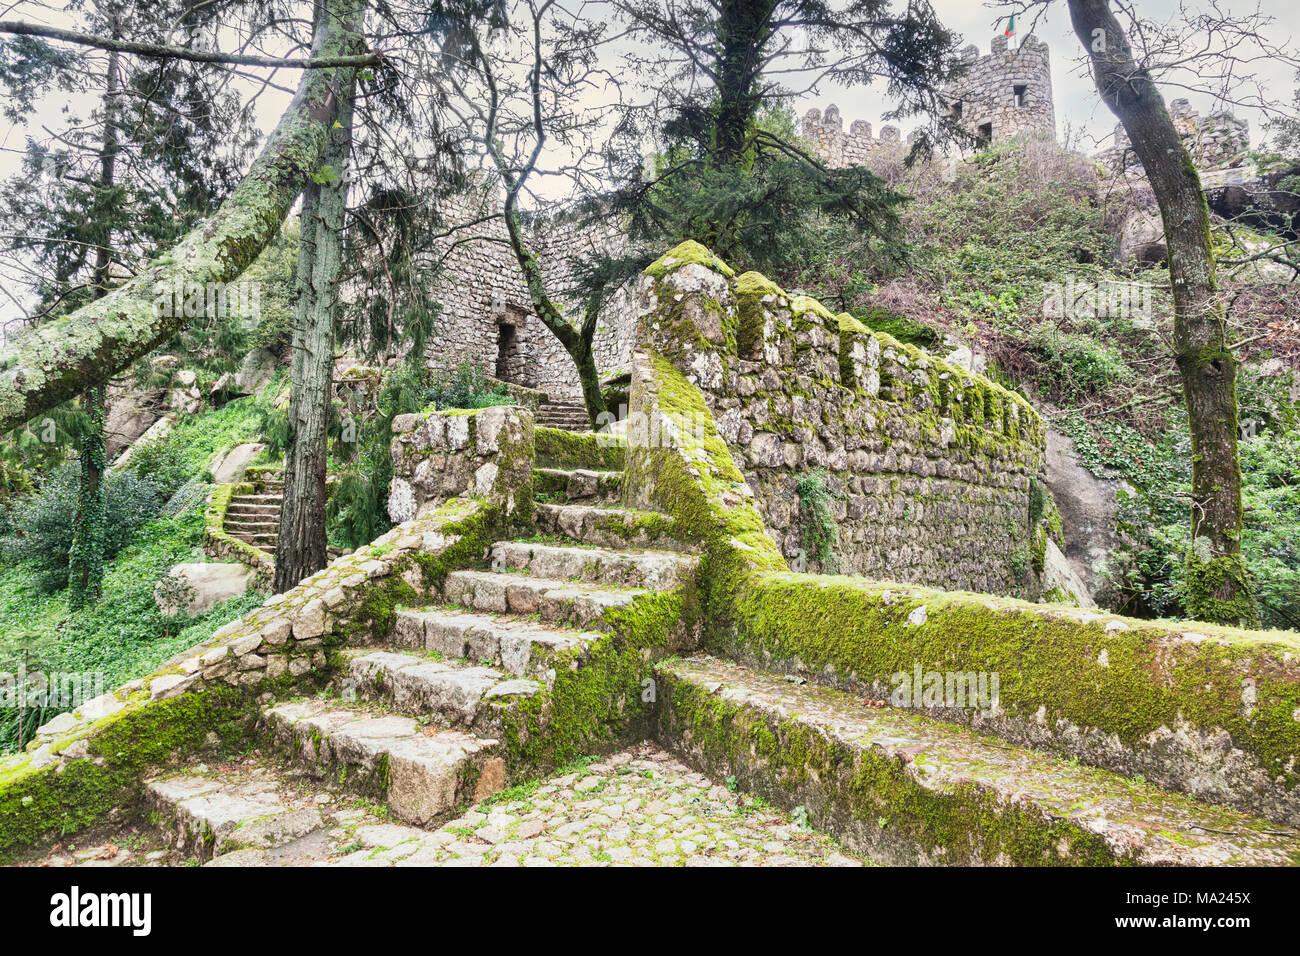 Vom 3. März 2018: Sintra, Portugal - Moody Schuß des maurischen Castlein frühen Frühling. Stockbild